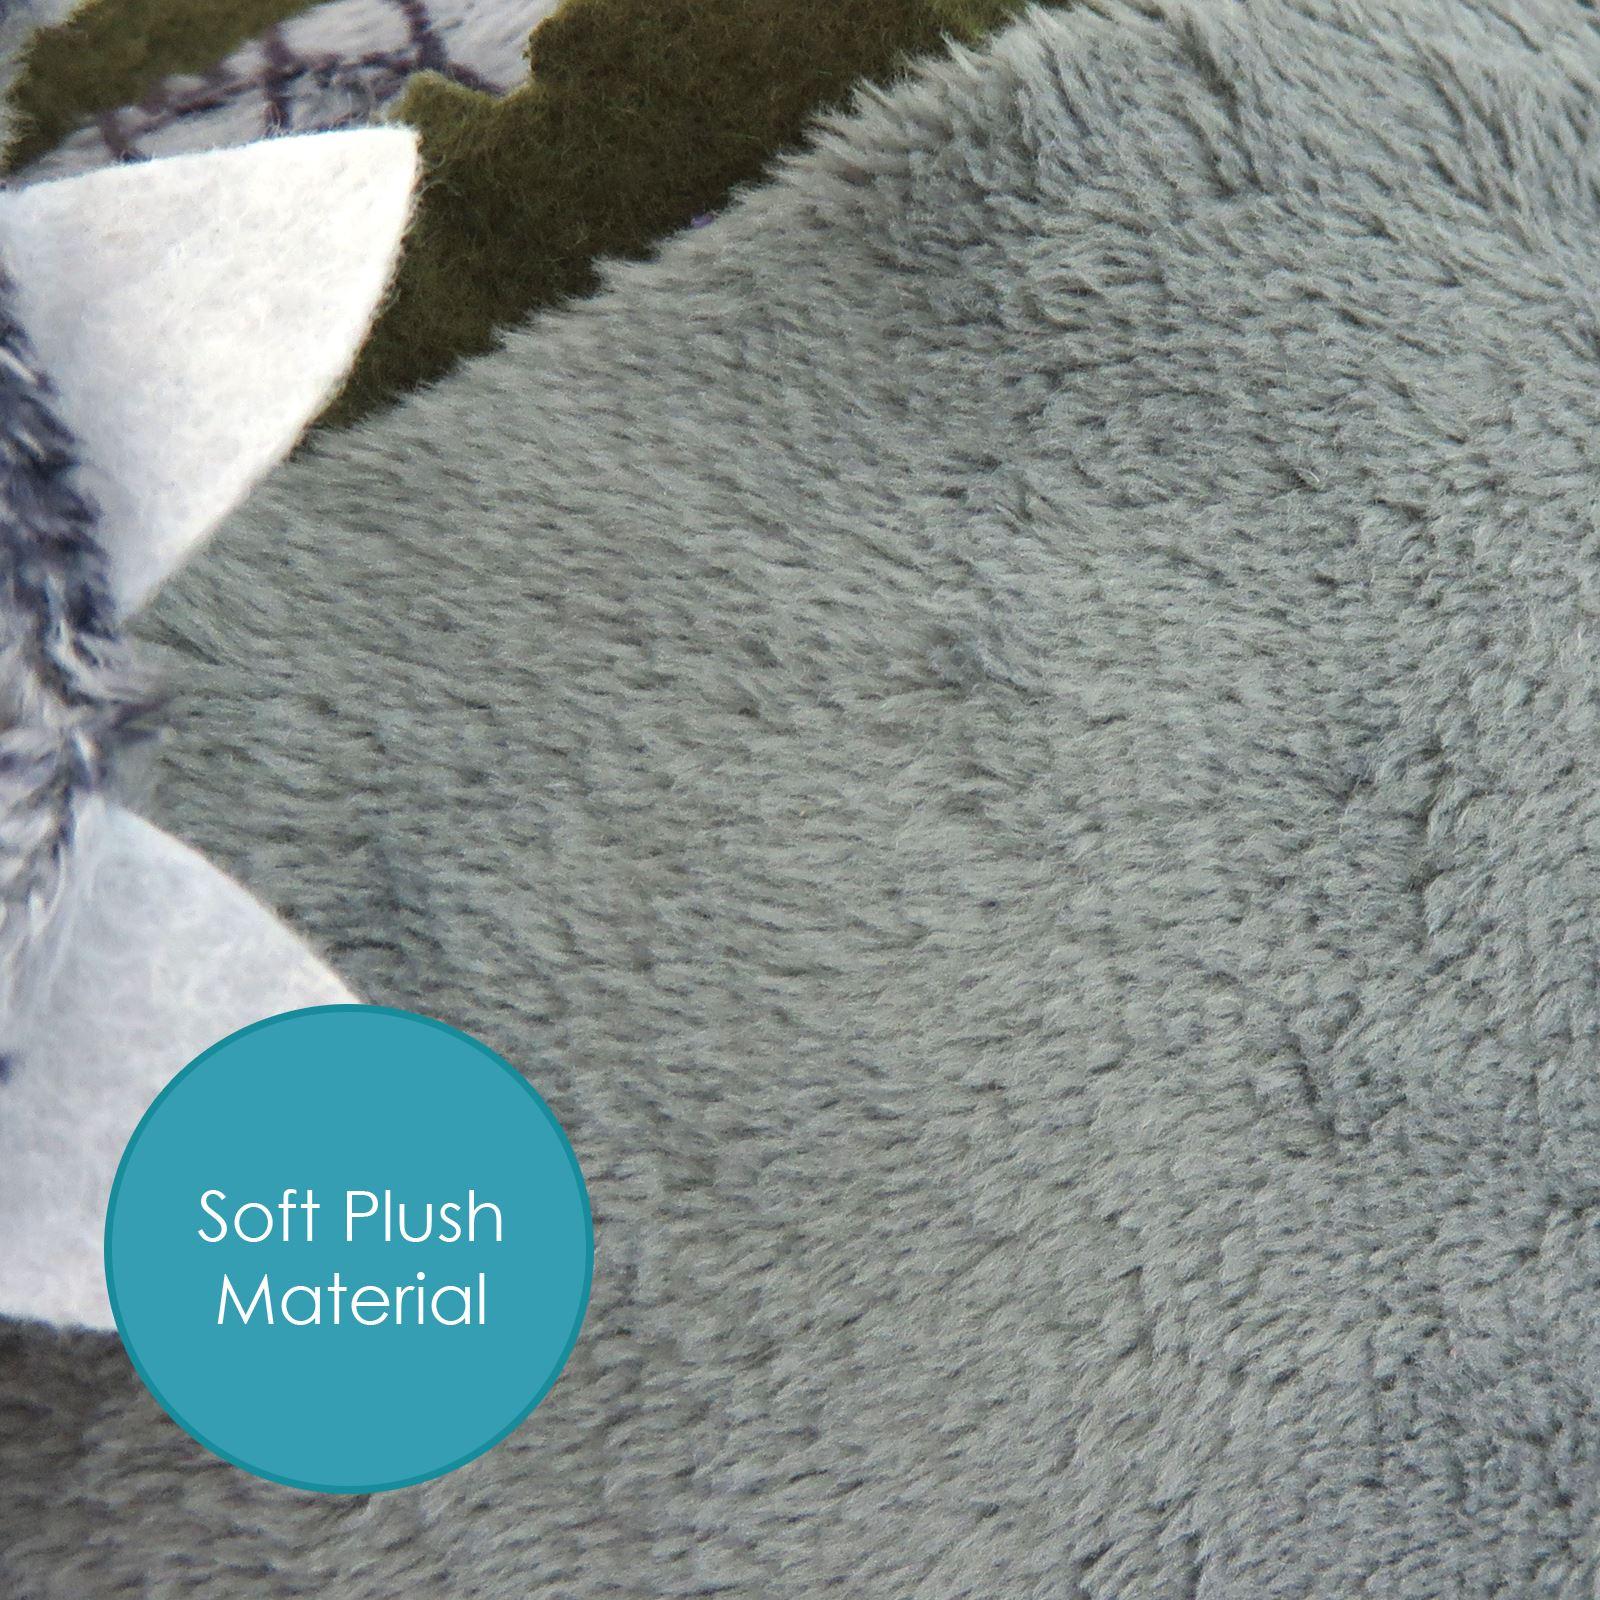 New Plush Triceratops Dinosaur Cuddly Kids Soft Toy Stuffed Animal Birthday Gift  Ebay